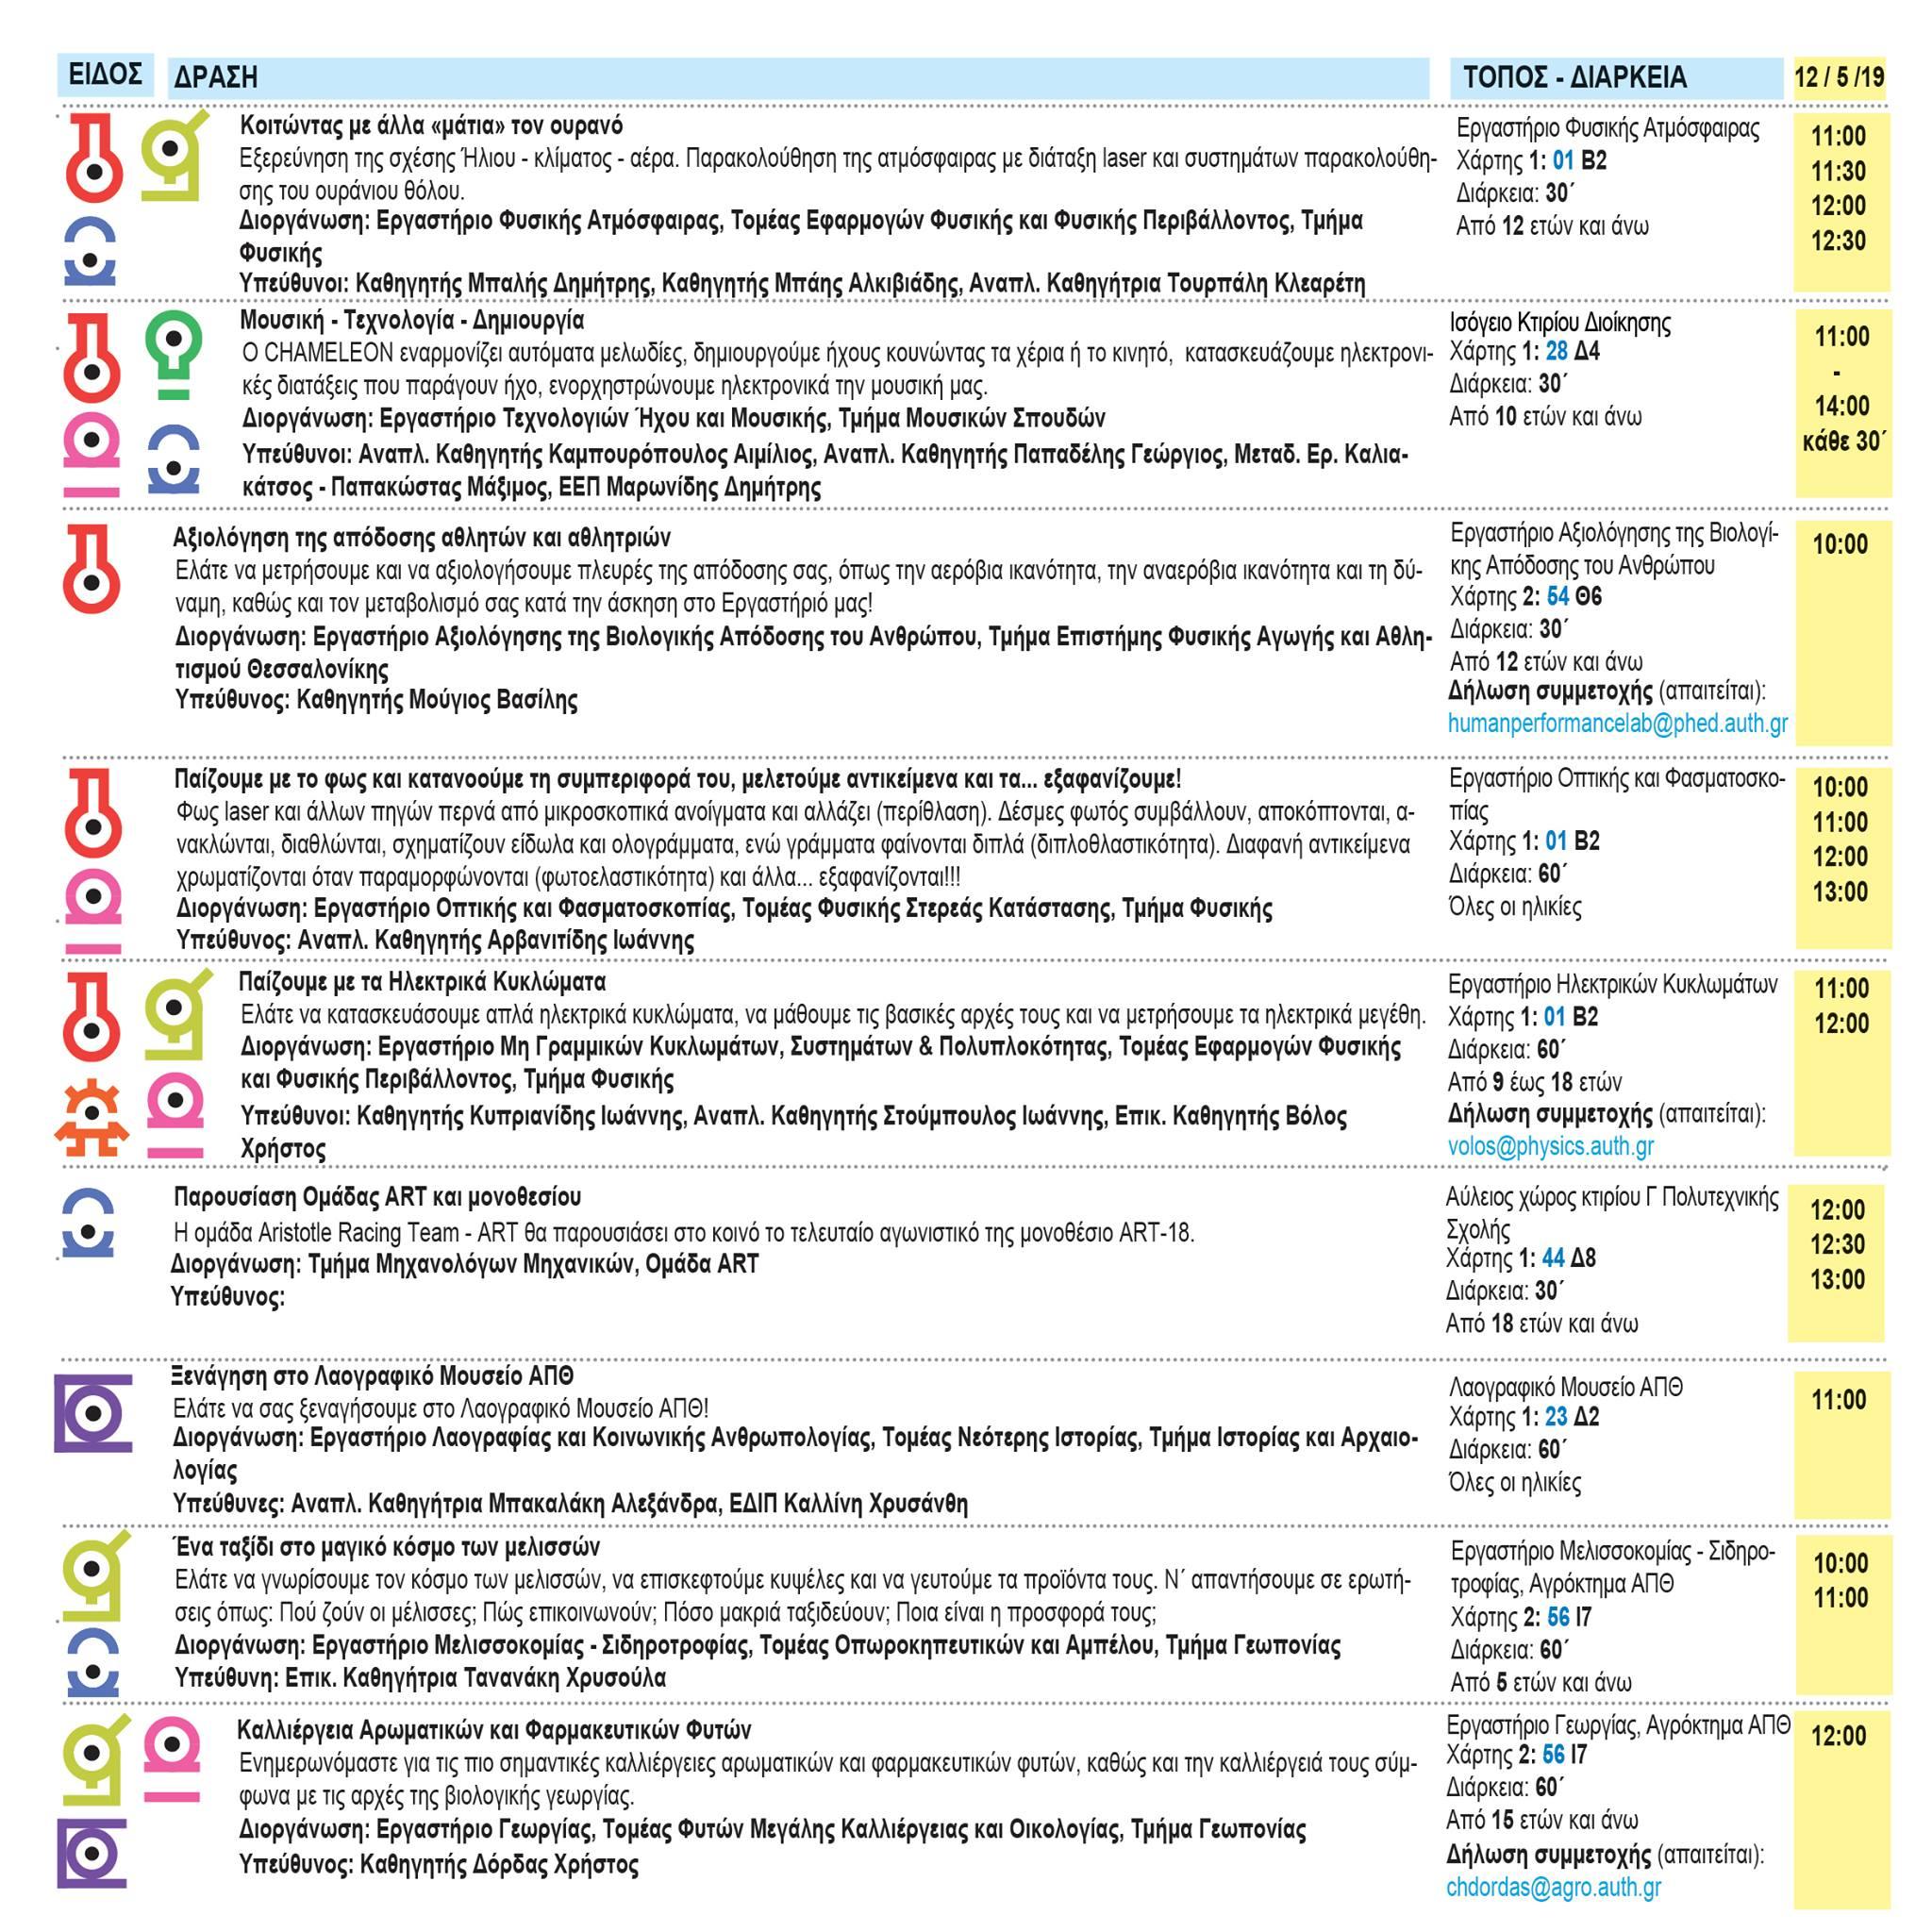 καλύτερες ιστοσελίδες γνωριμιών για επαγγελματίες UK